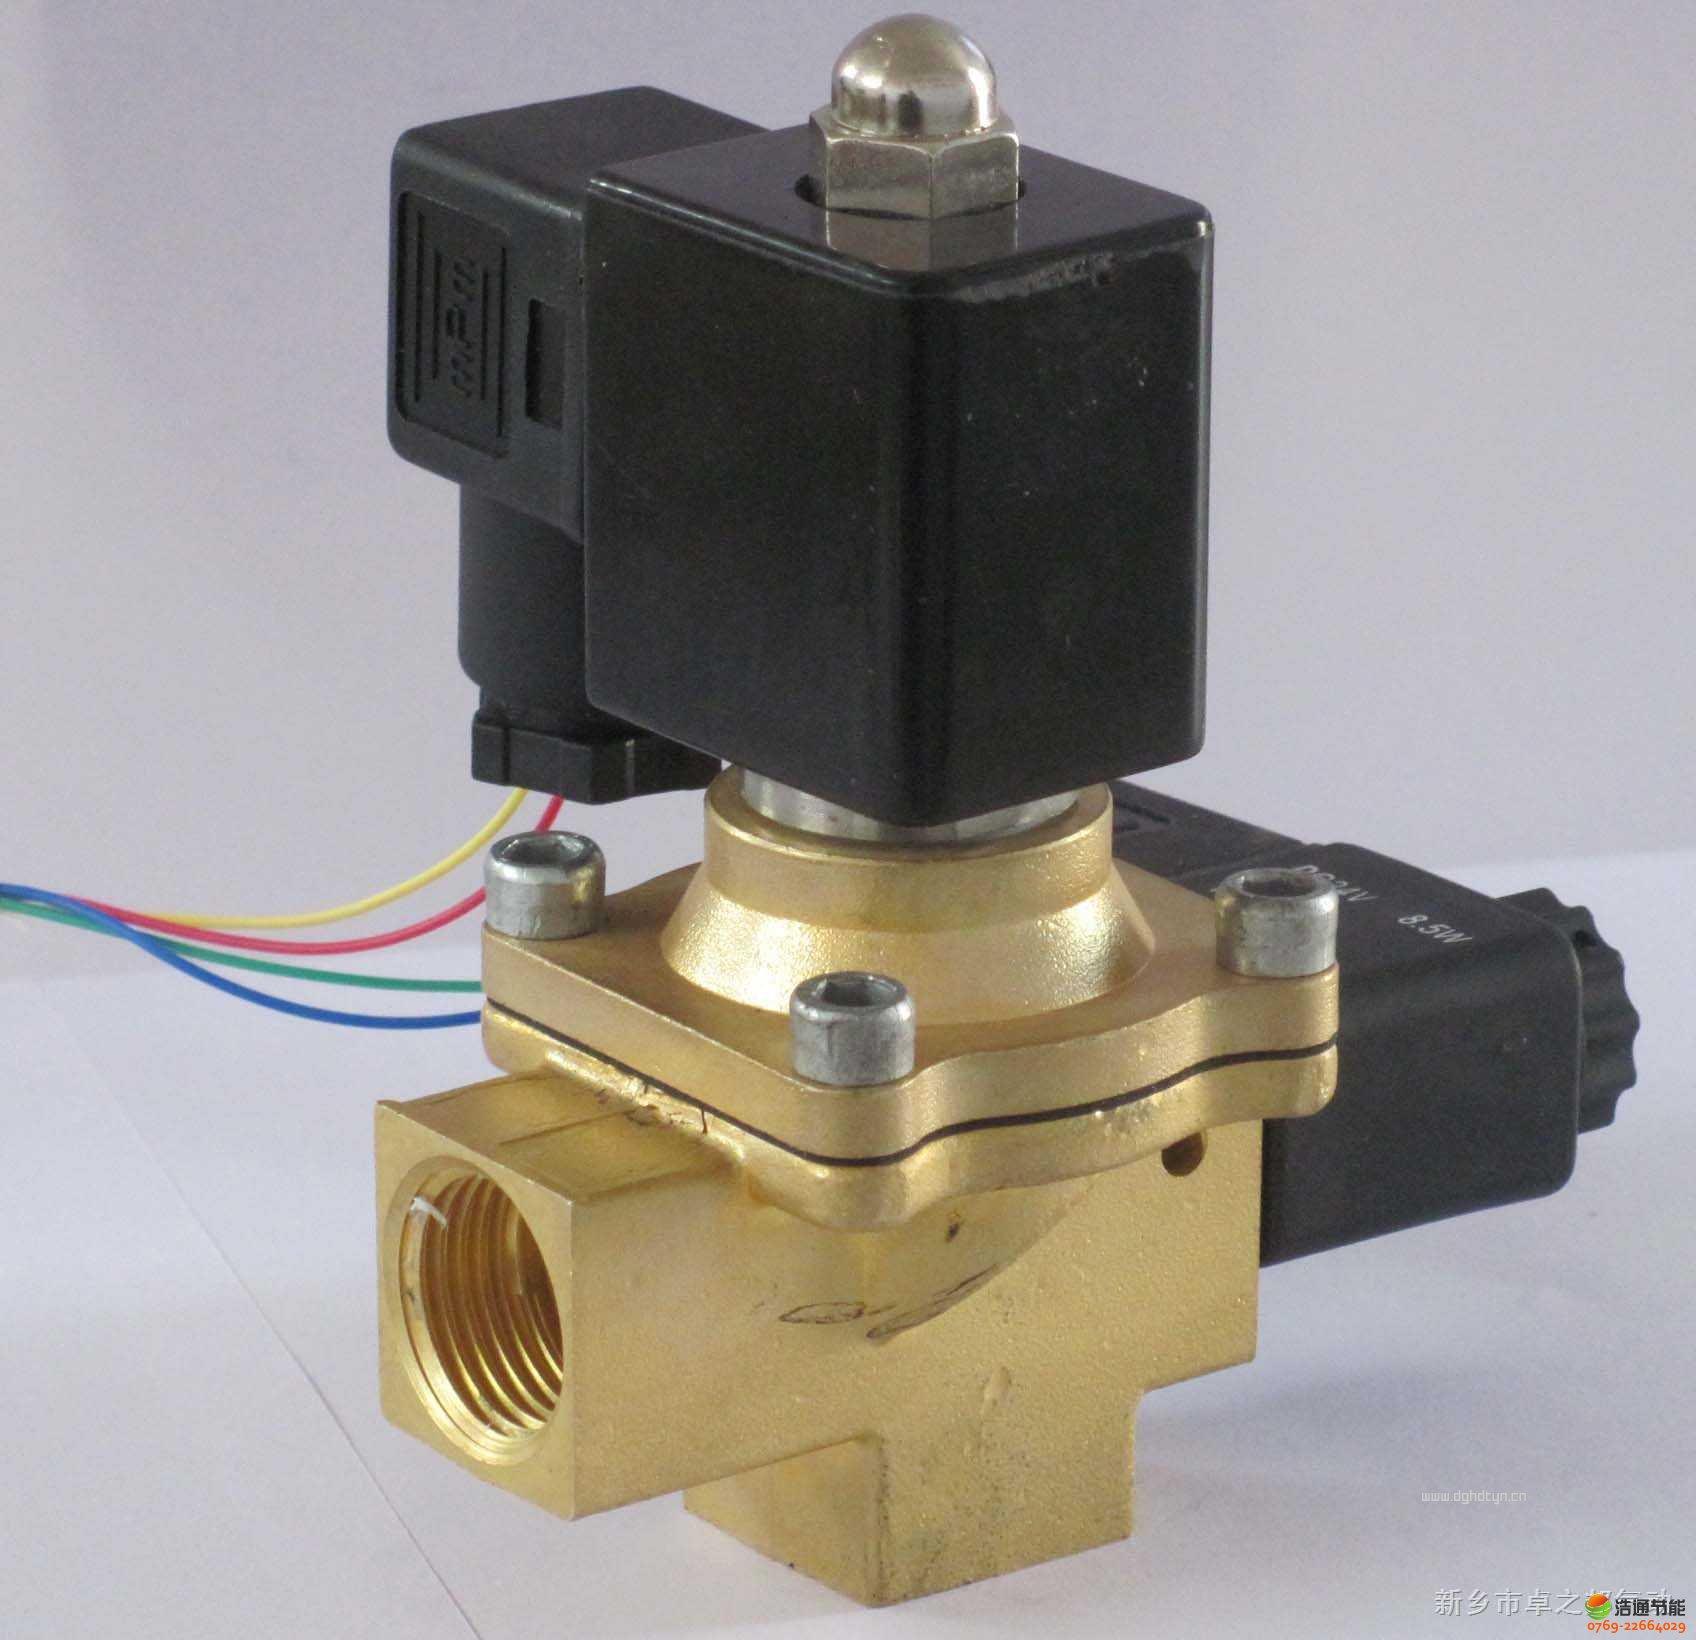 太阳能热水器电磁阀工作原理/选型安装/检测及维护保养说明